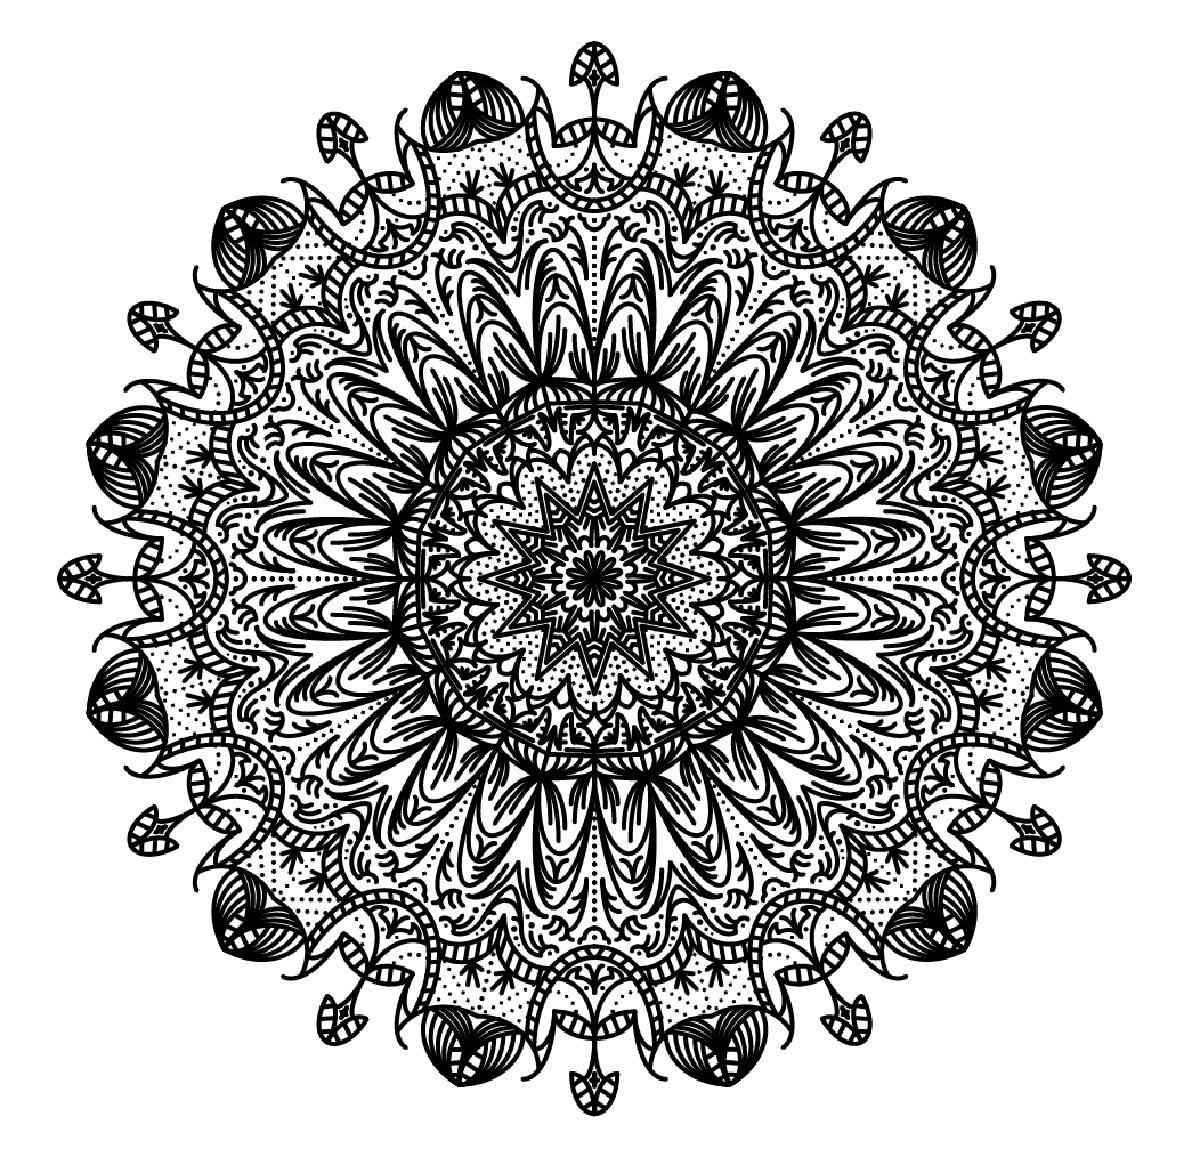 Mandala to download in pdf 8